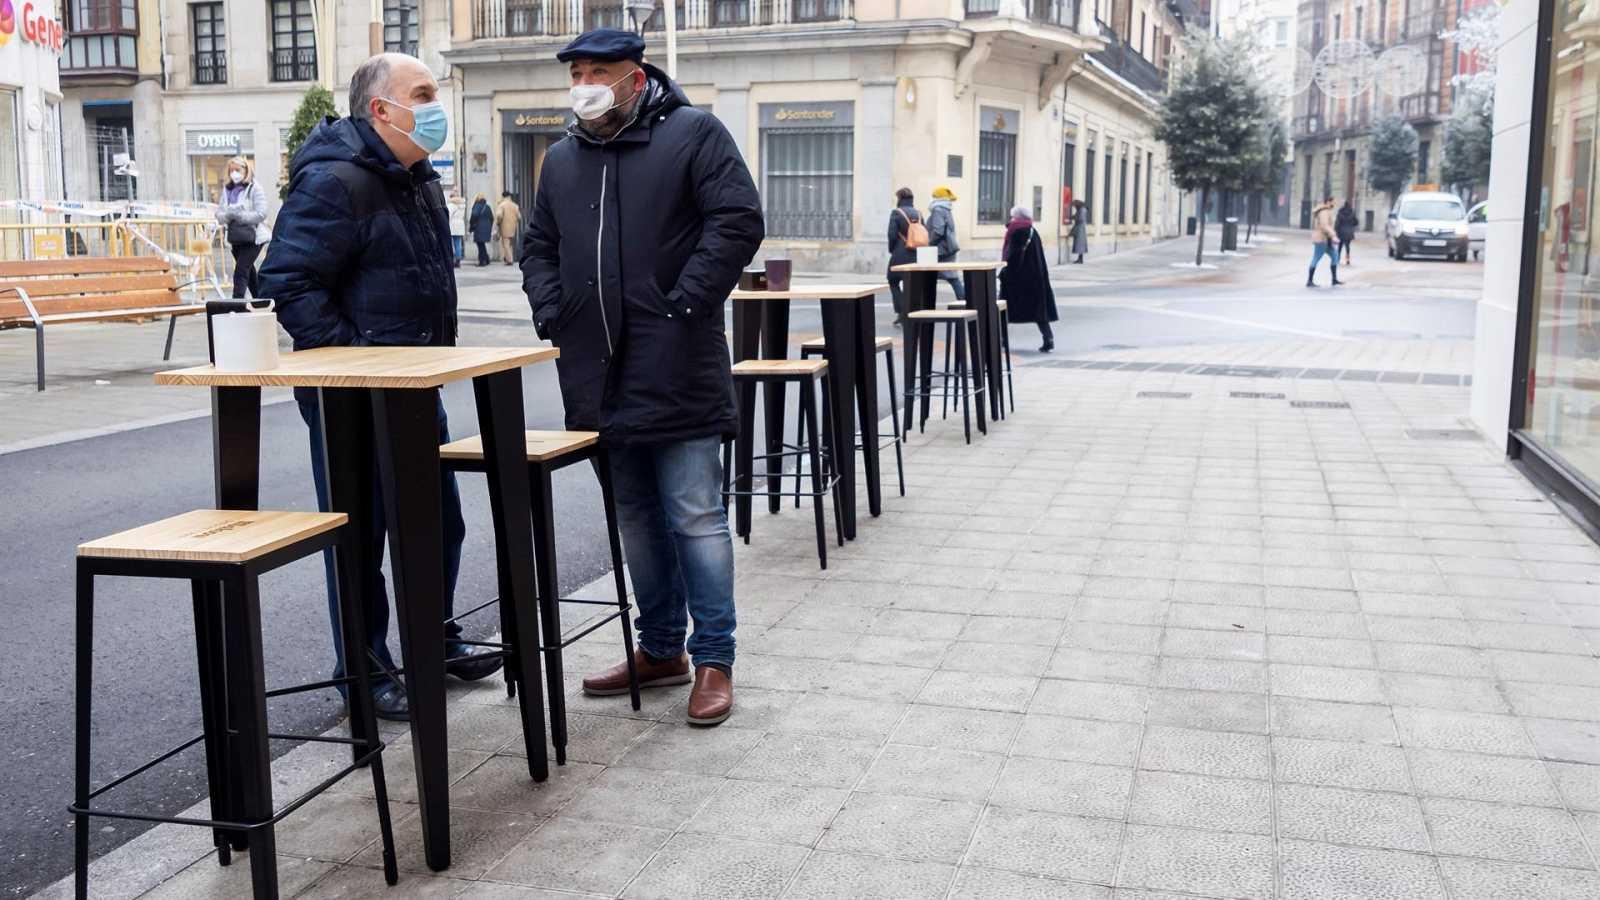 Los españoles acuden menos a los bares, que notan cómo ha caído el consumo por el coronavirus